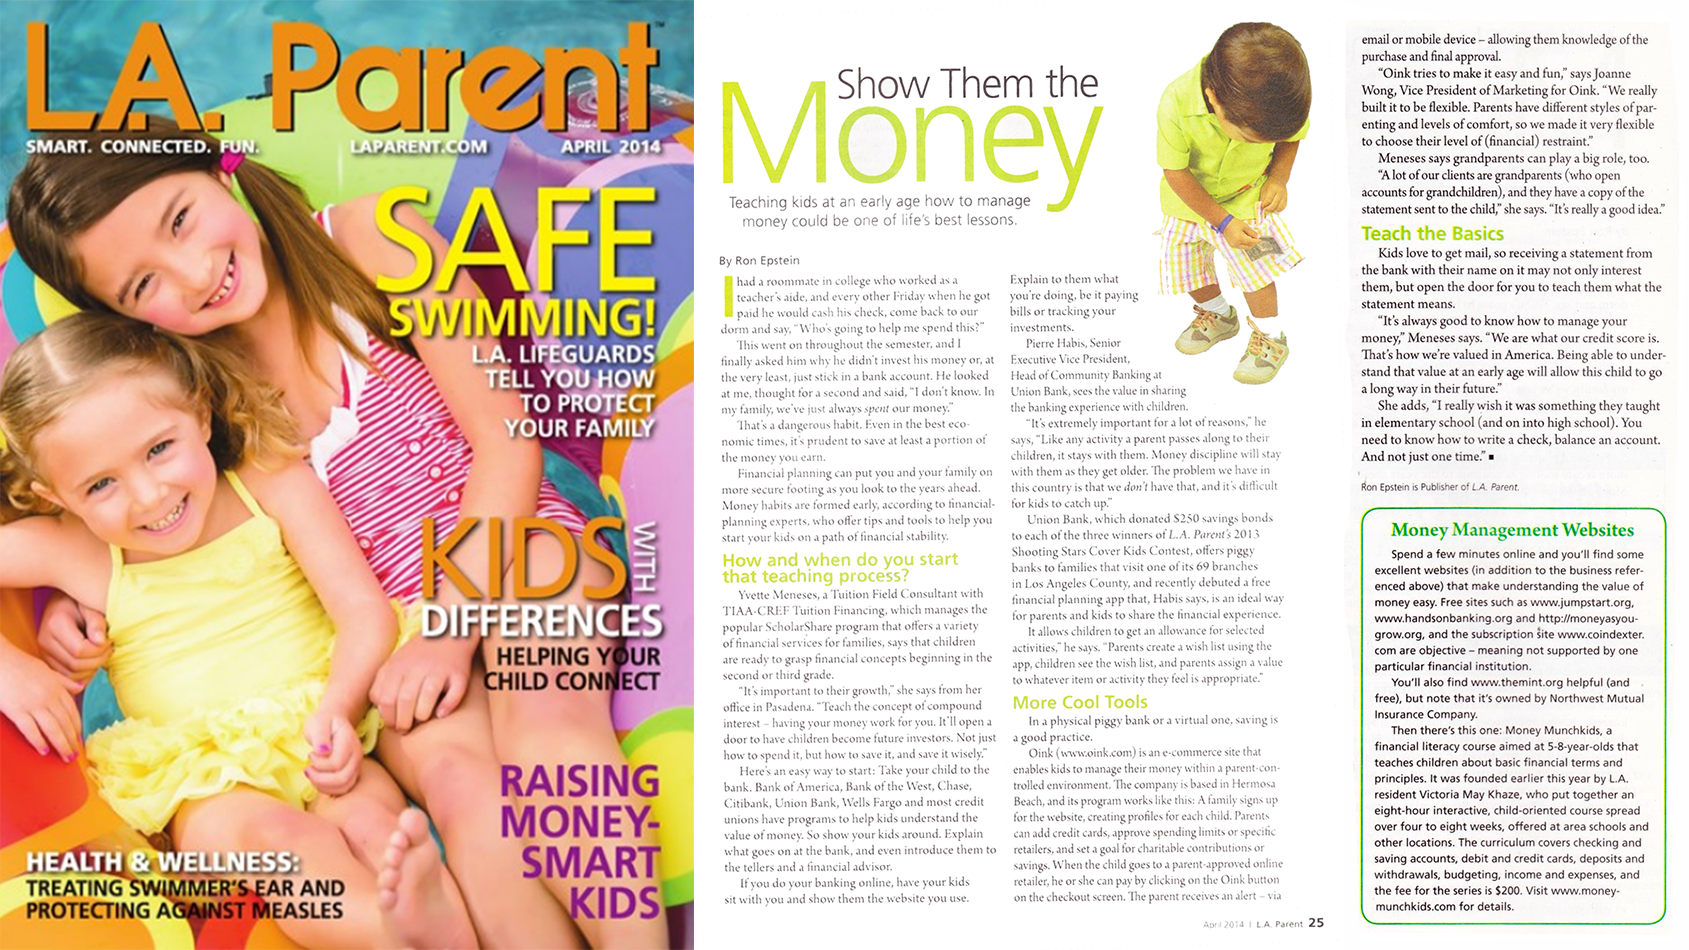 money munchkids in LA parent magazine April financial education month issue